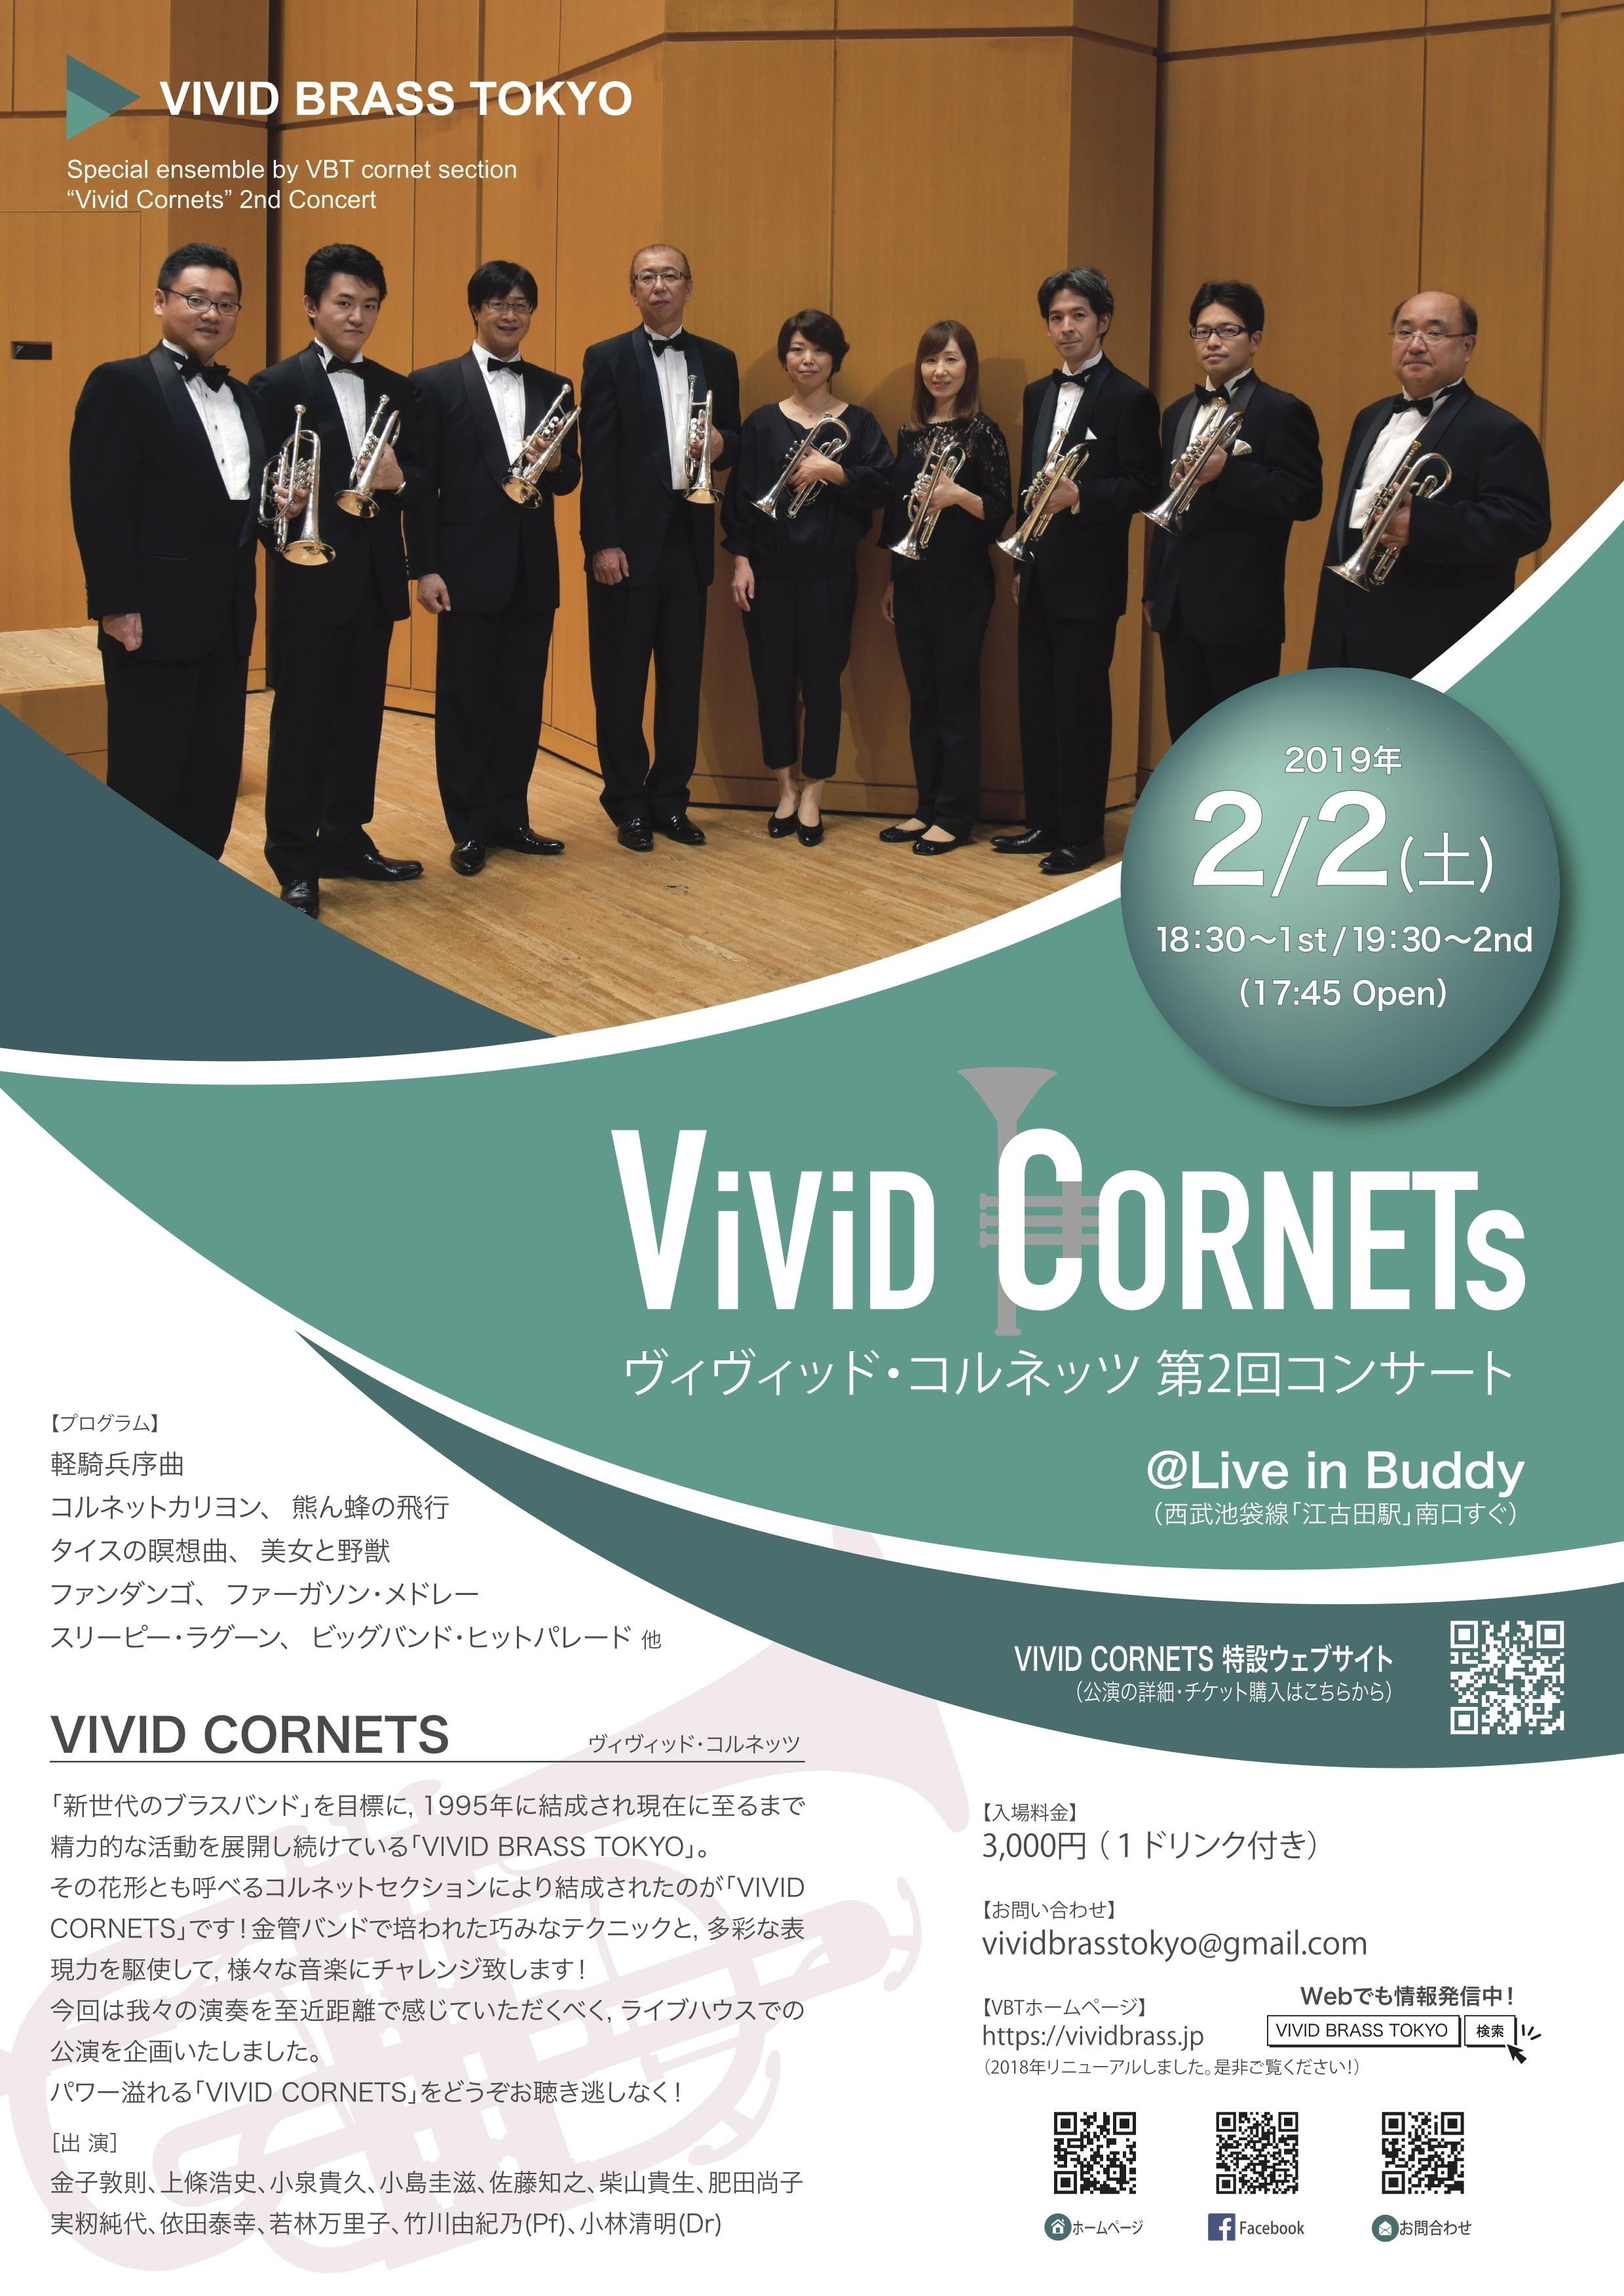 ヴィヴィッド・コルネッツ 第2回コンサート